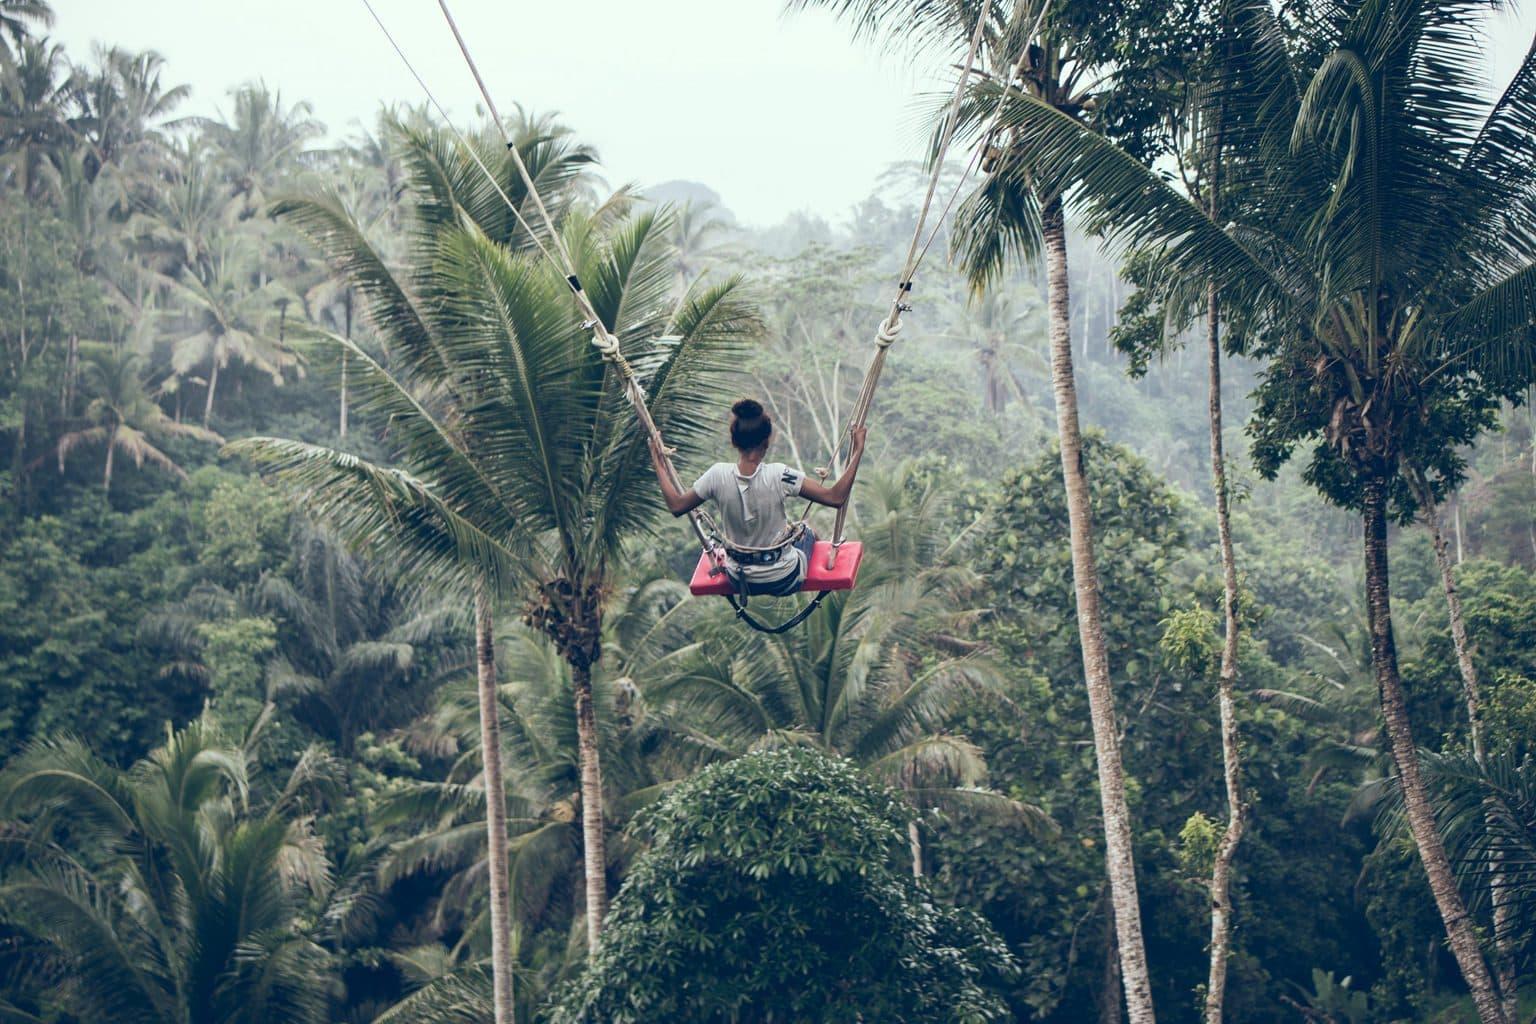 Frau auf Schaukel im Dschungel Missionswerk Karlsruhe Ermutigung der Woche Ein neuer Tag